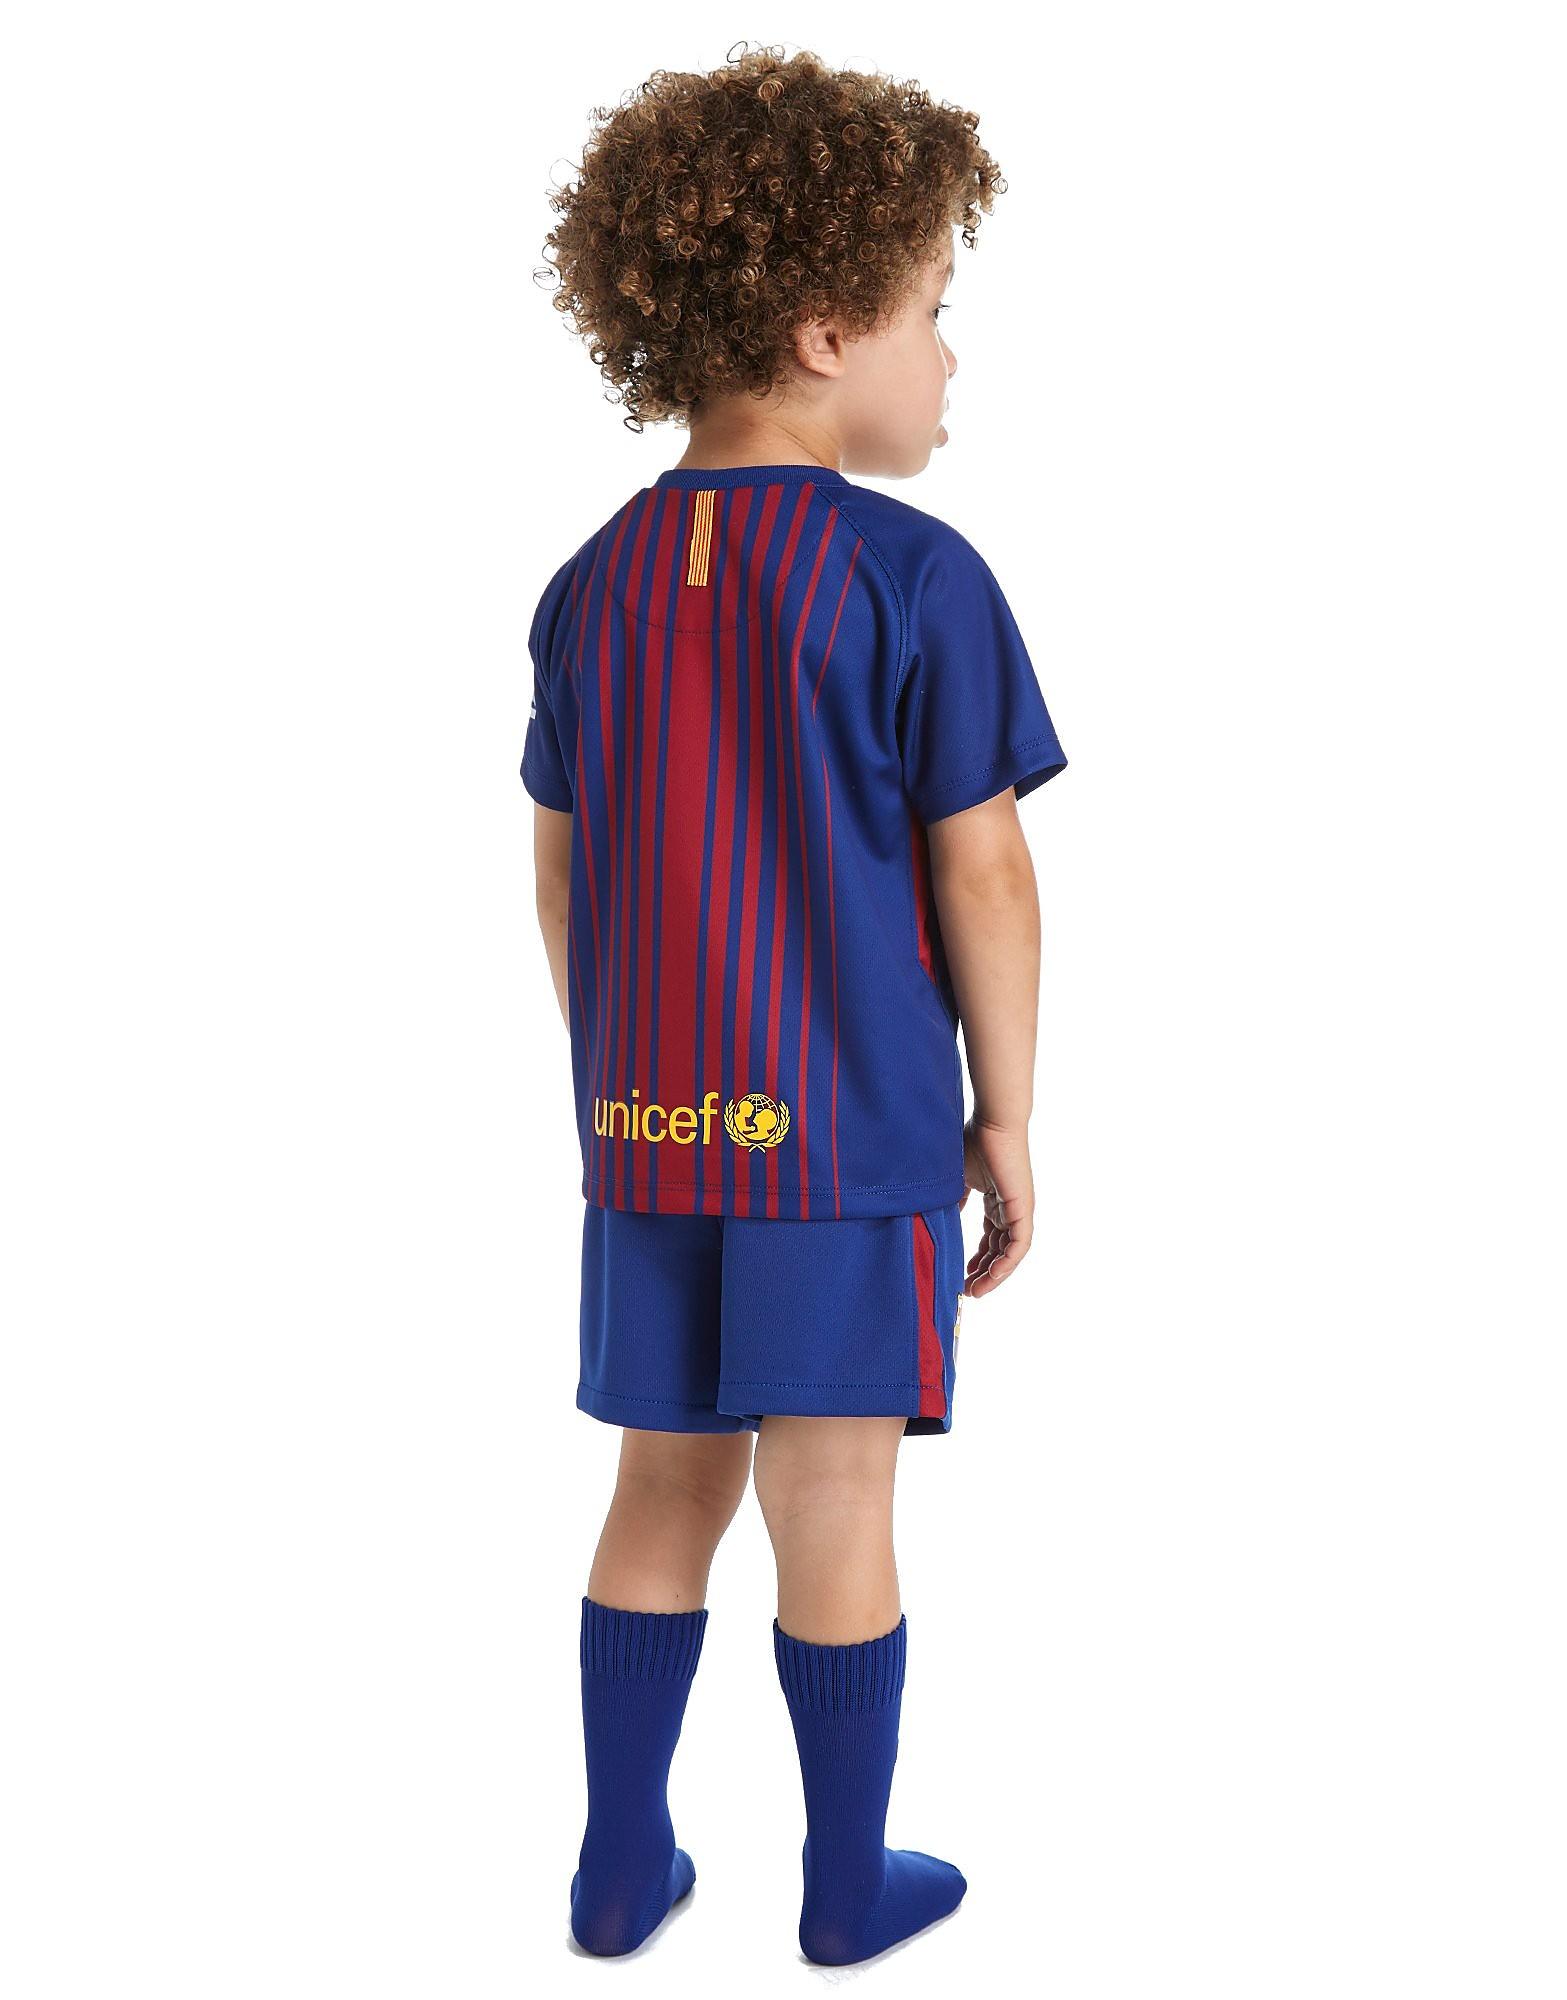 Nike conjunto Barcelona 2017/18 1ª equipación para bebé